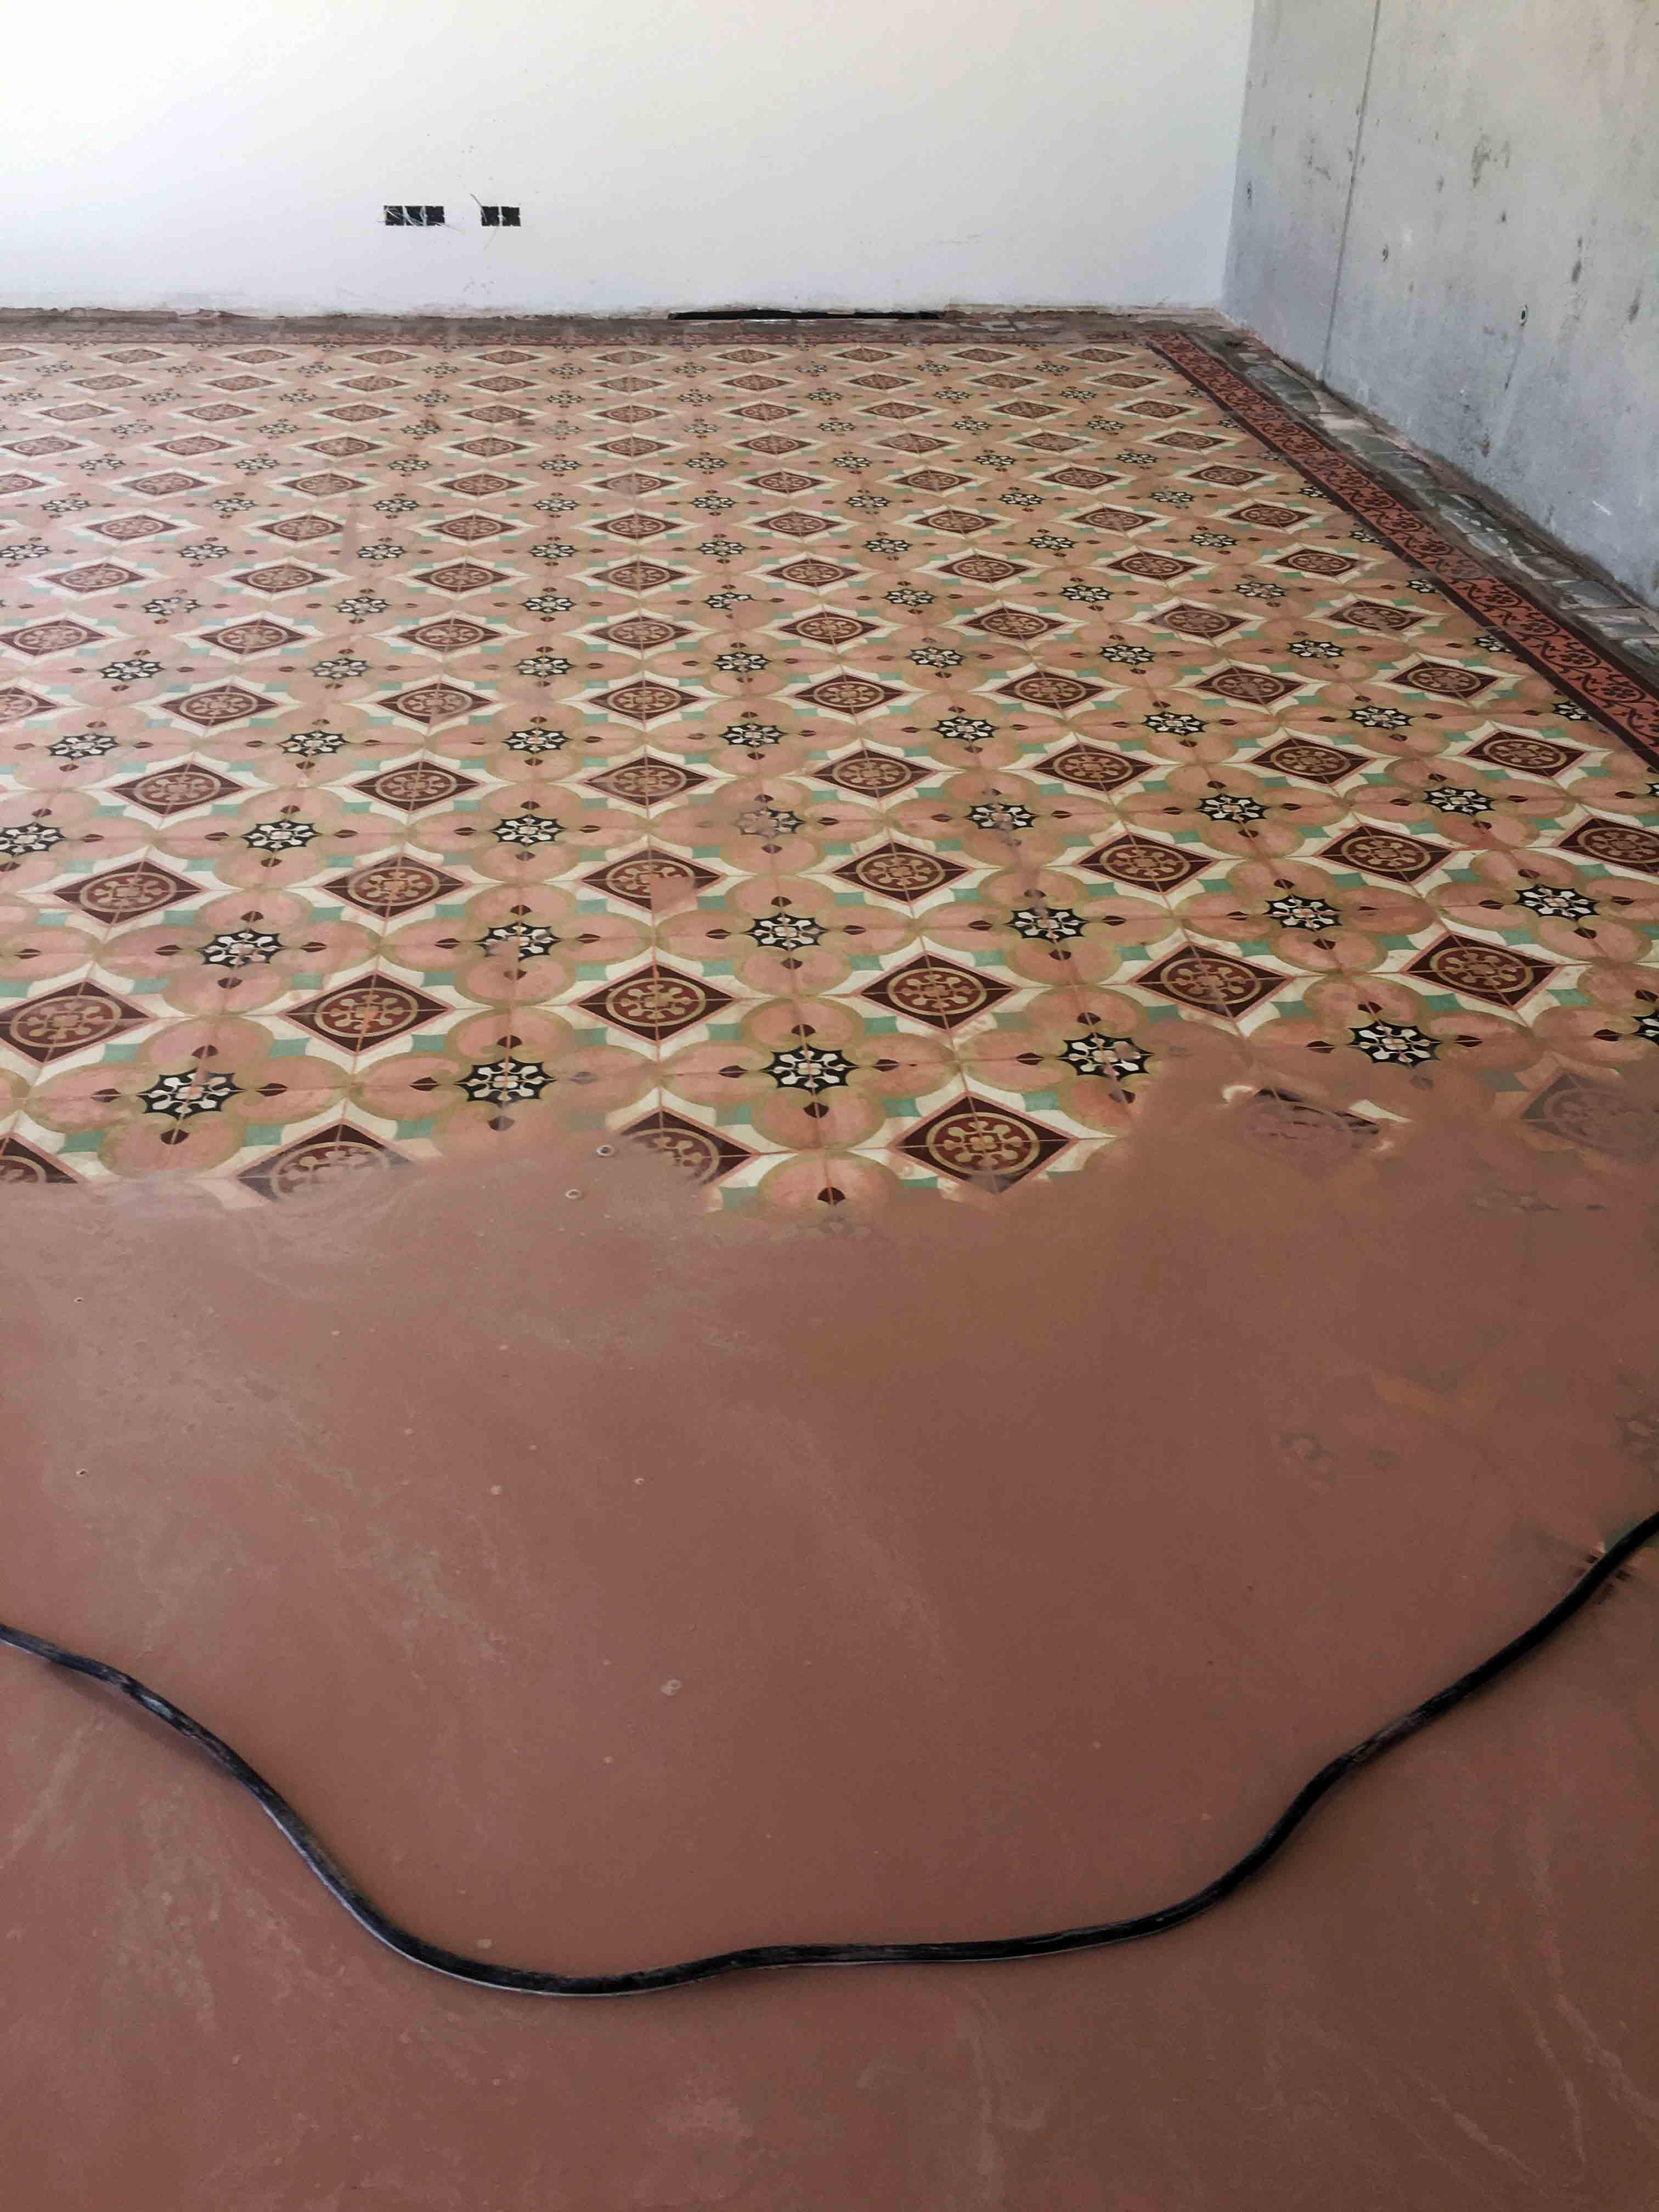 MosaicosBarcelona-Recuperacción-abrillantado-y-acristalado-de-suelos-de-mosaico-hidraulico-en-vivienda-en-Mallorca-Baleares-7